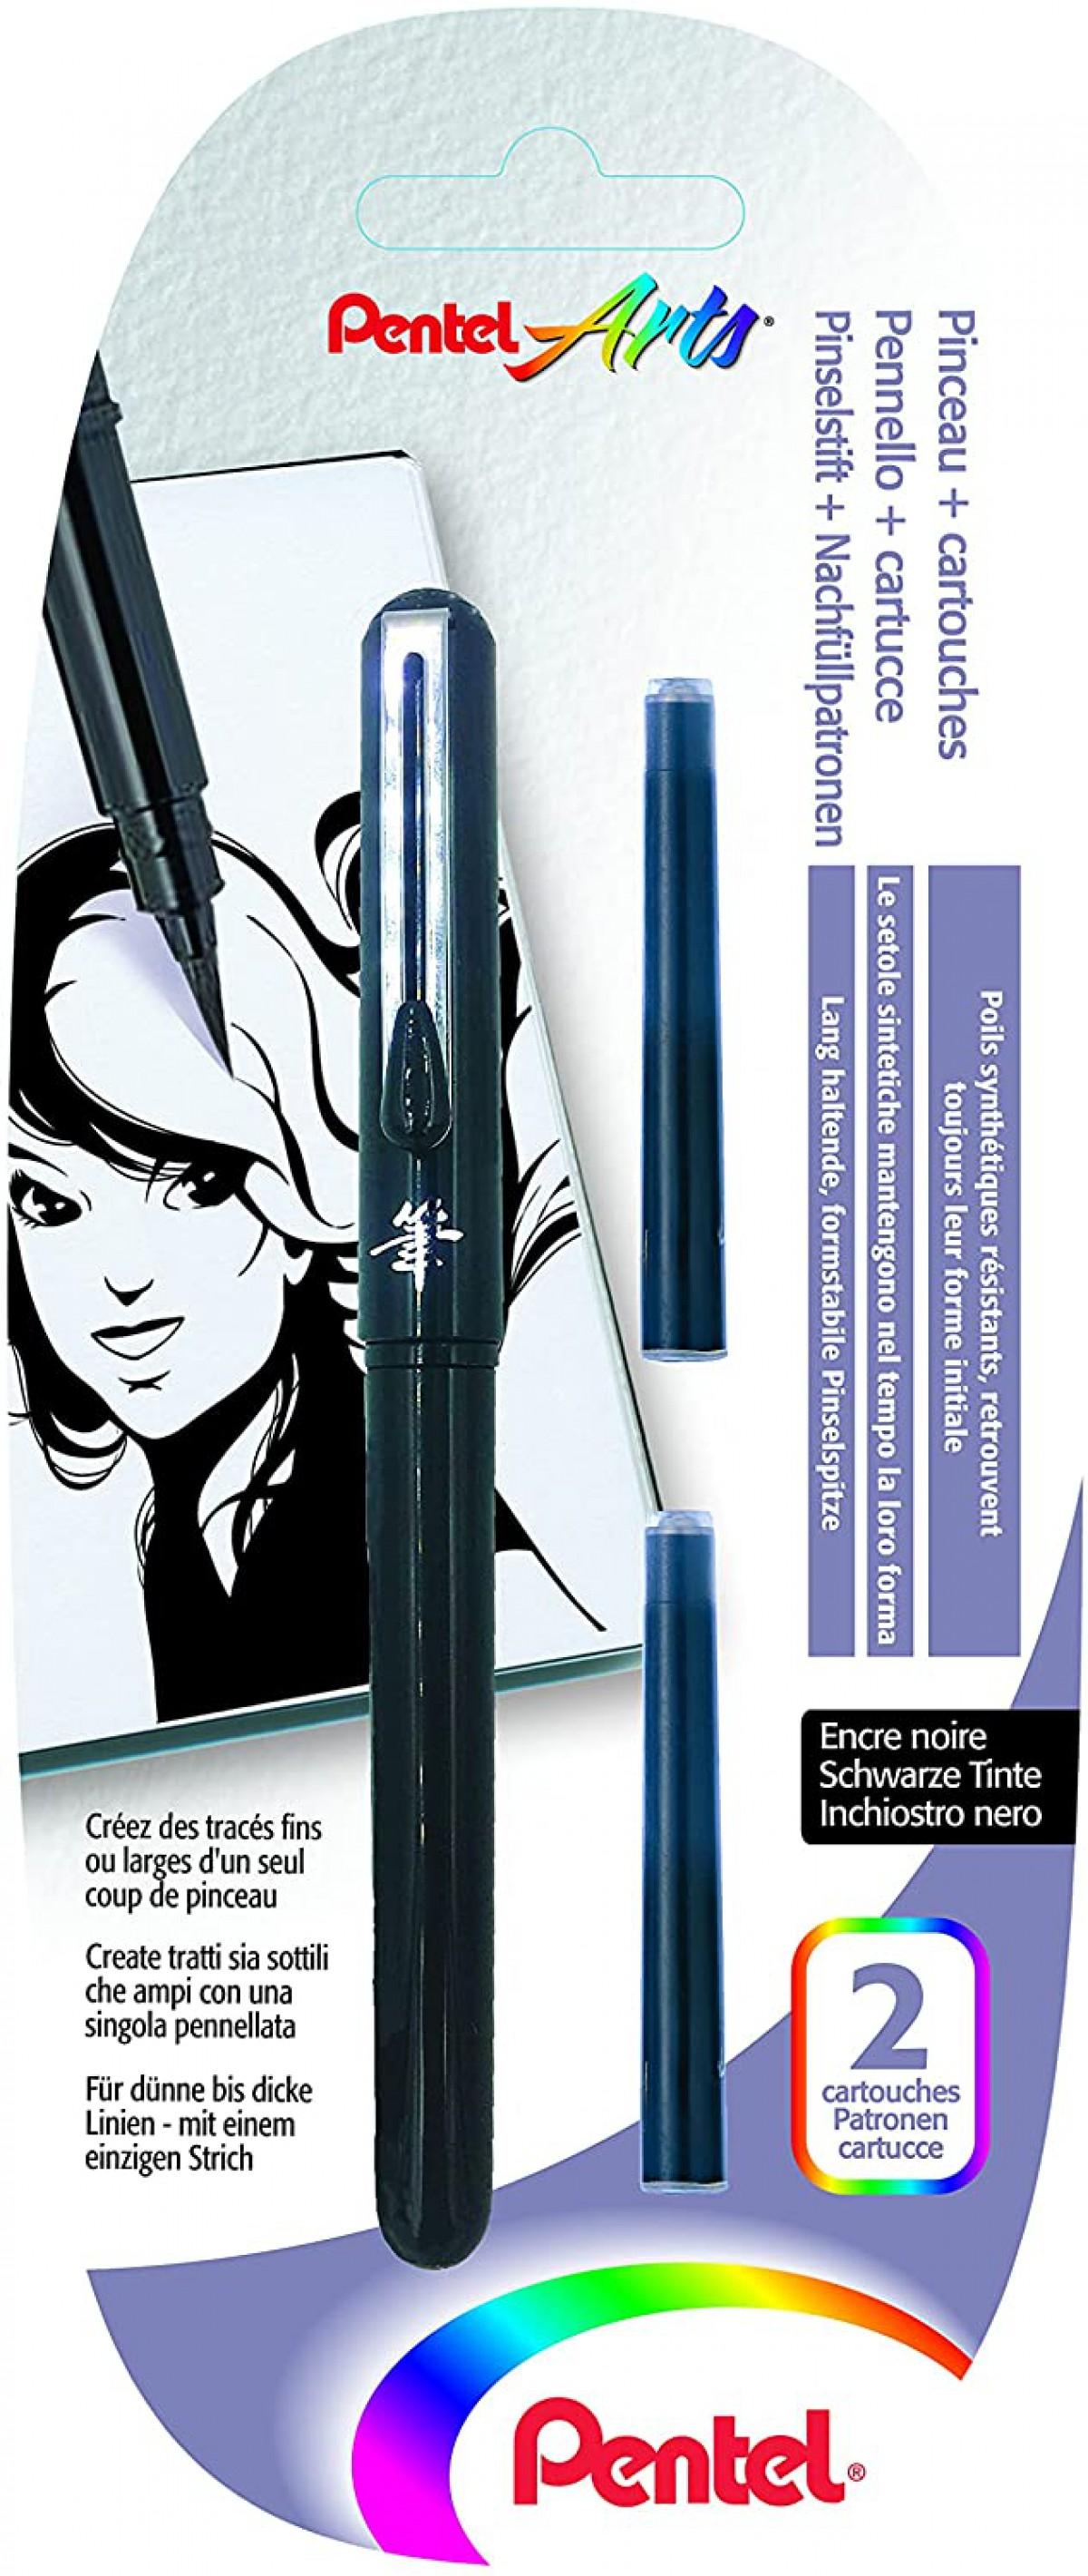 Pentel Arts Pocket Brush Cep Tipi Fırça Uçlu Kalem - Siyah